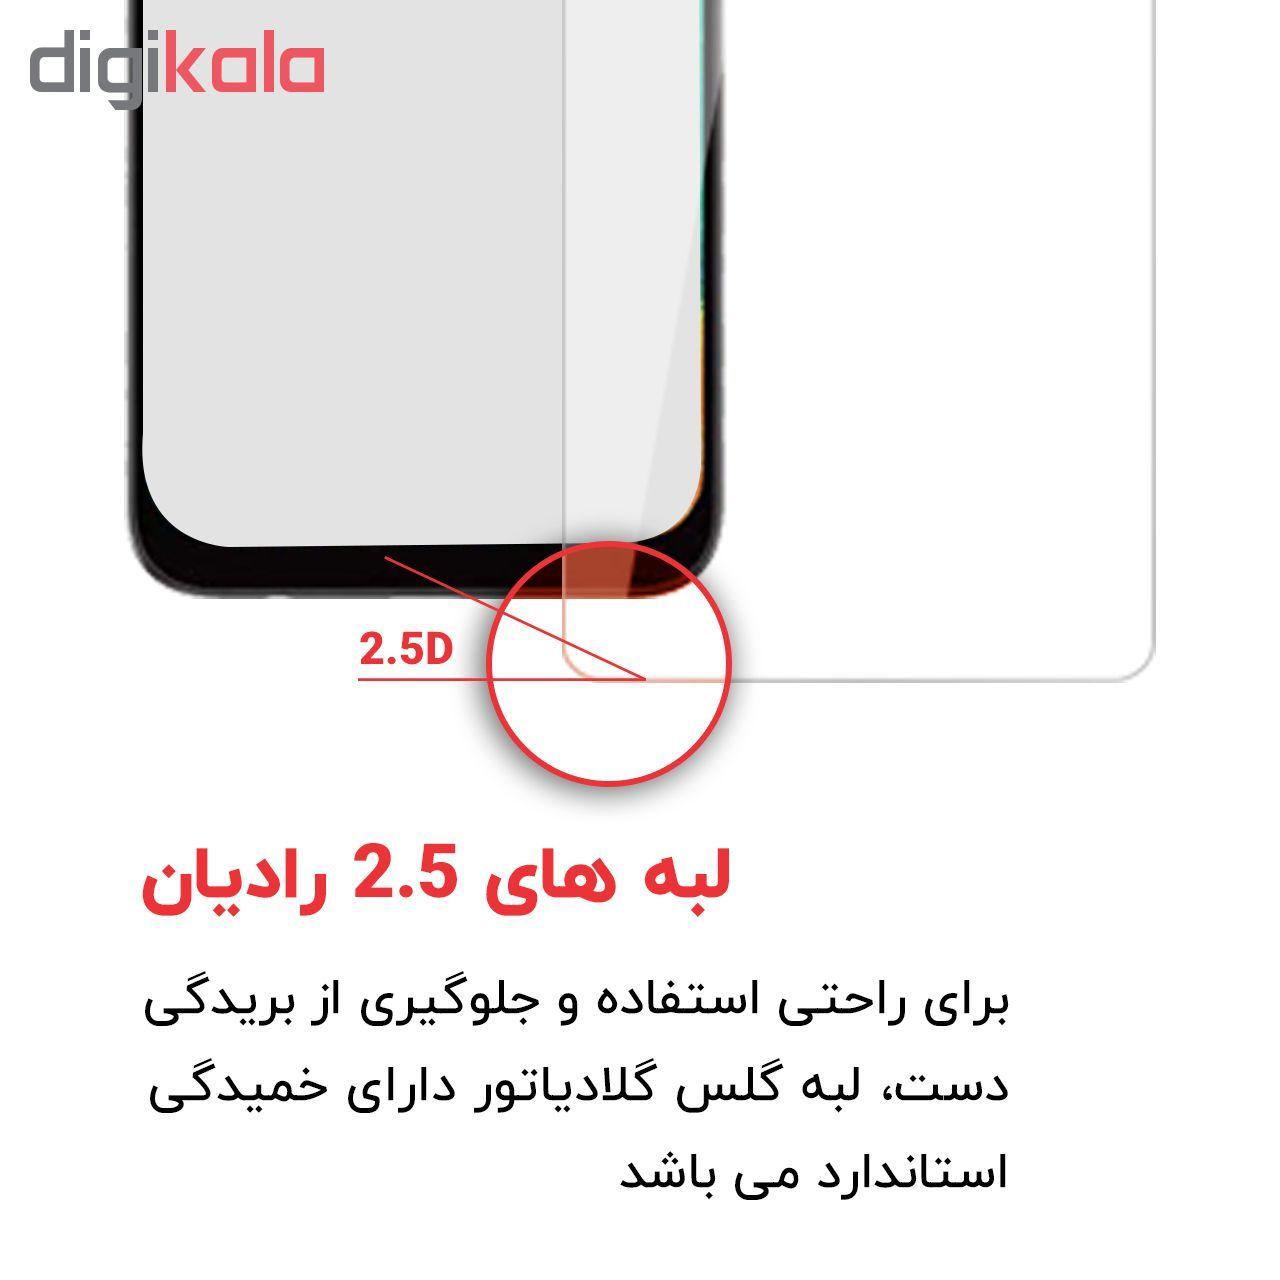 محافظ صفحه نمایش گلادیاتور مدل GLH2000 مناسب برای گوشی موبایل هوآوی Y7 Prime 2019 بسته دو عددی main 1 6